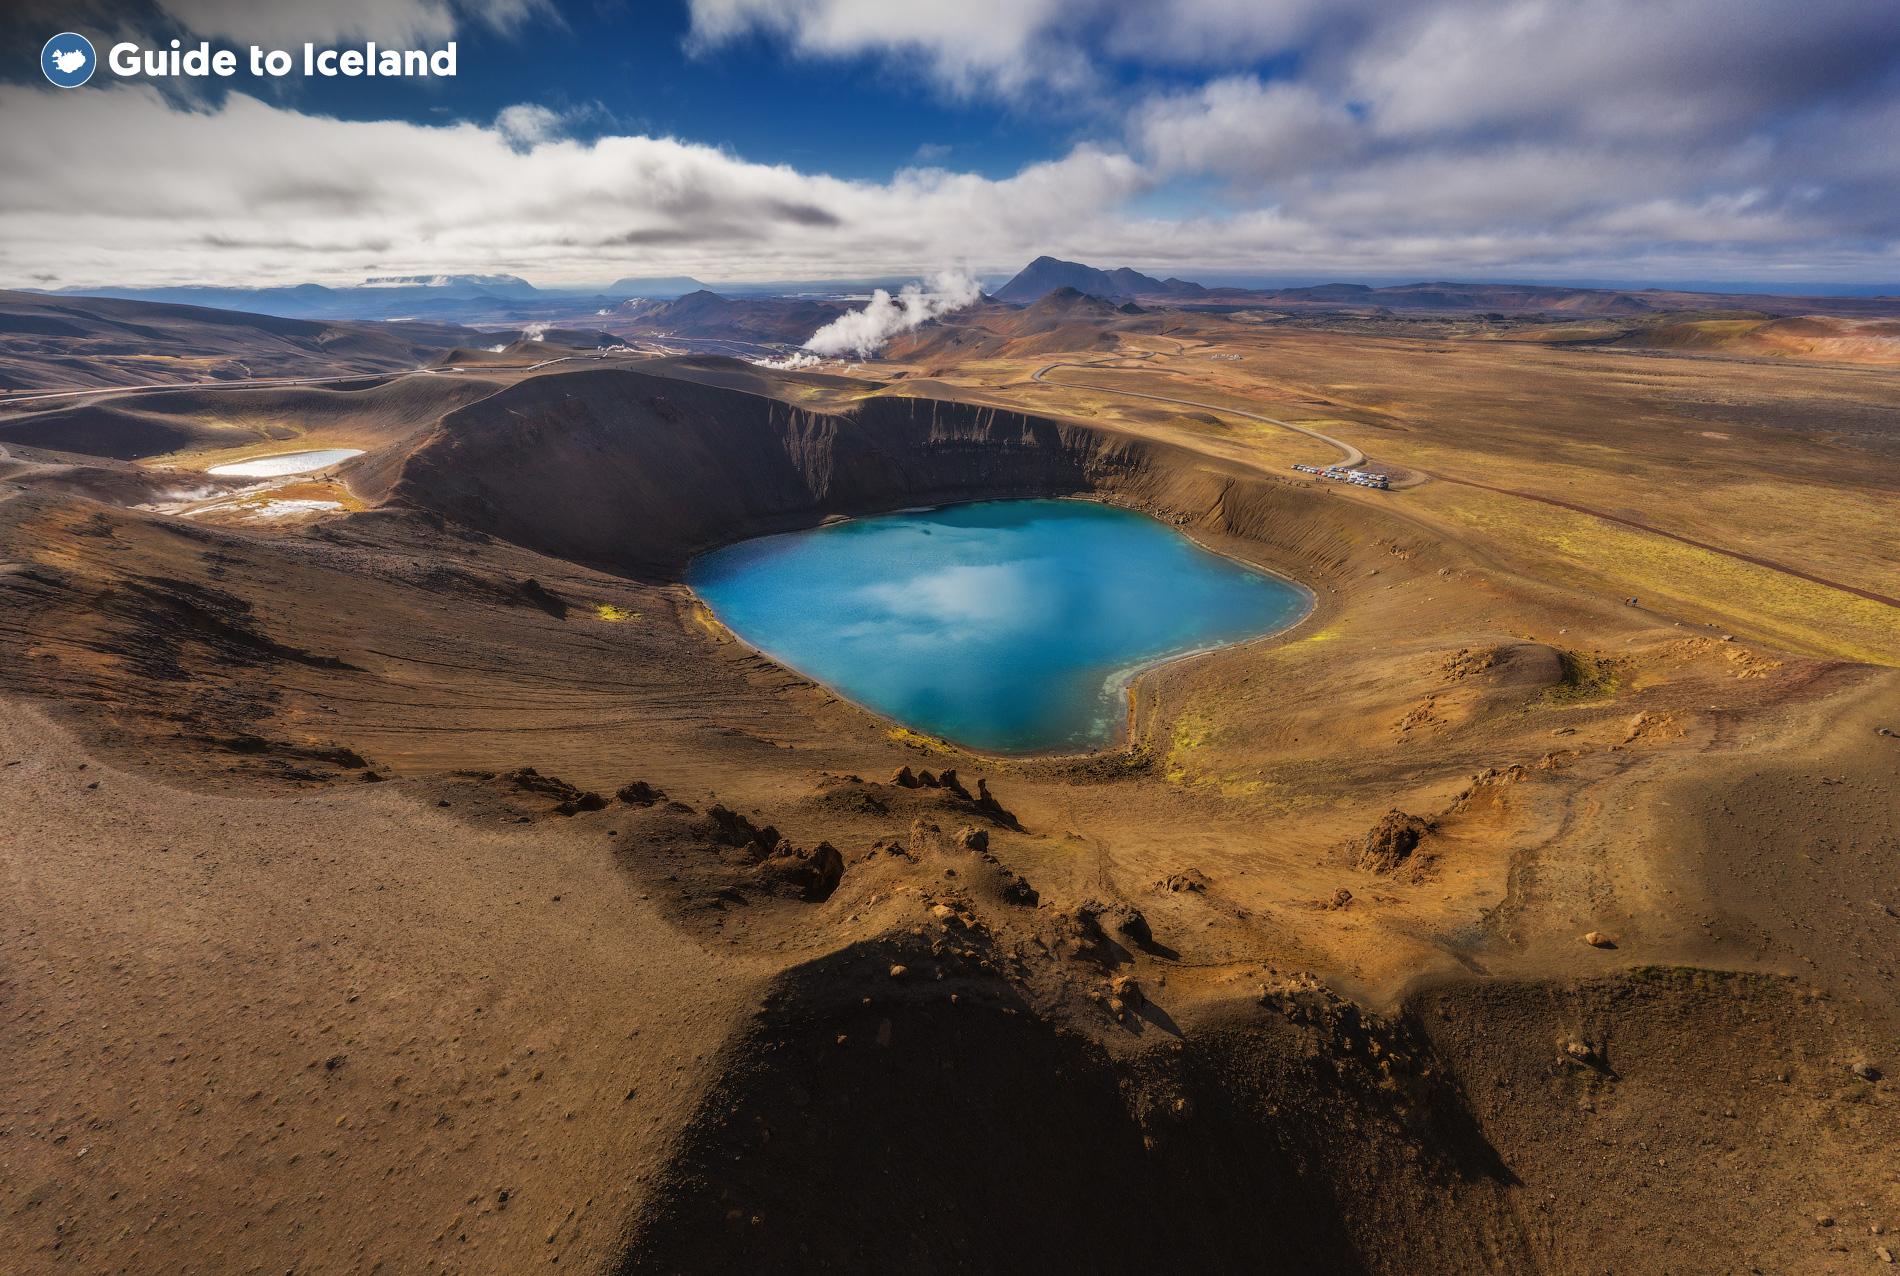 冰岛北部的阿斯匹吉峡谷是著名的徒步胜地